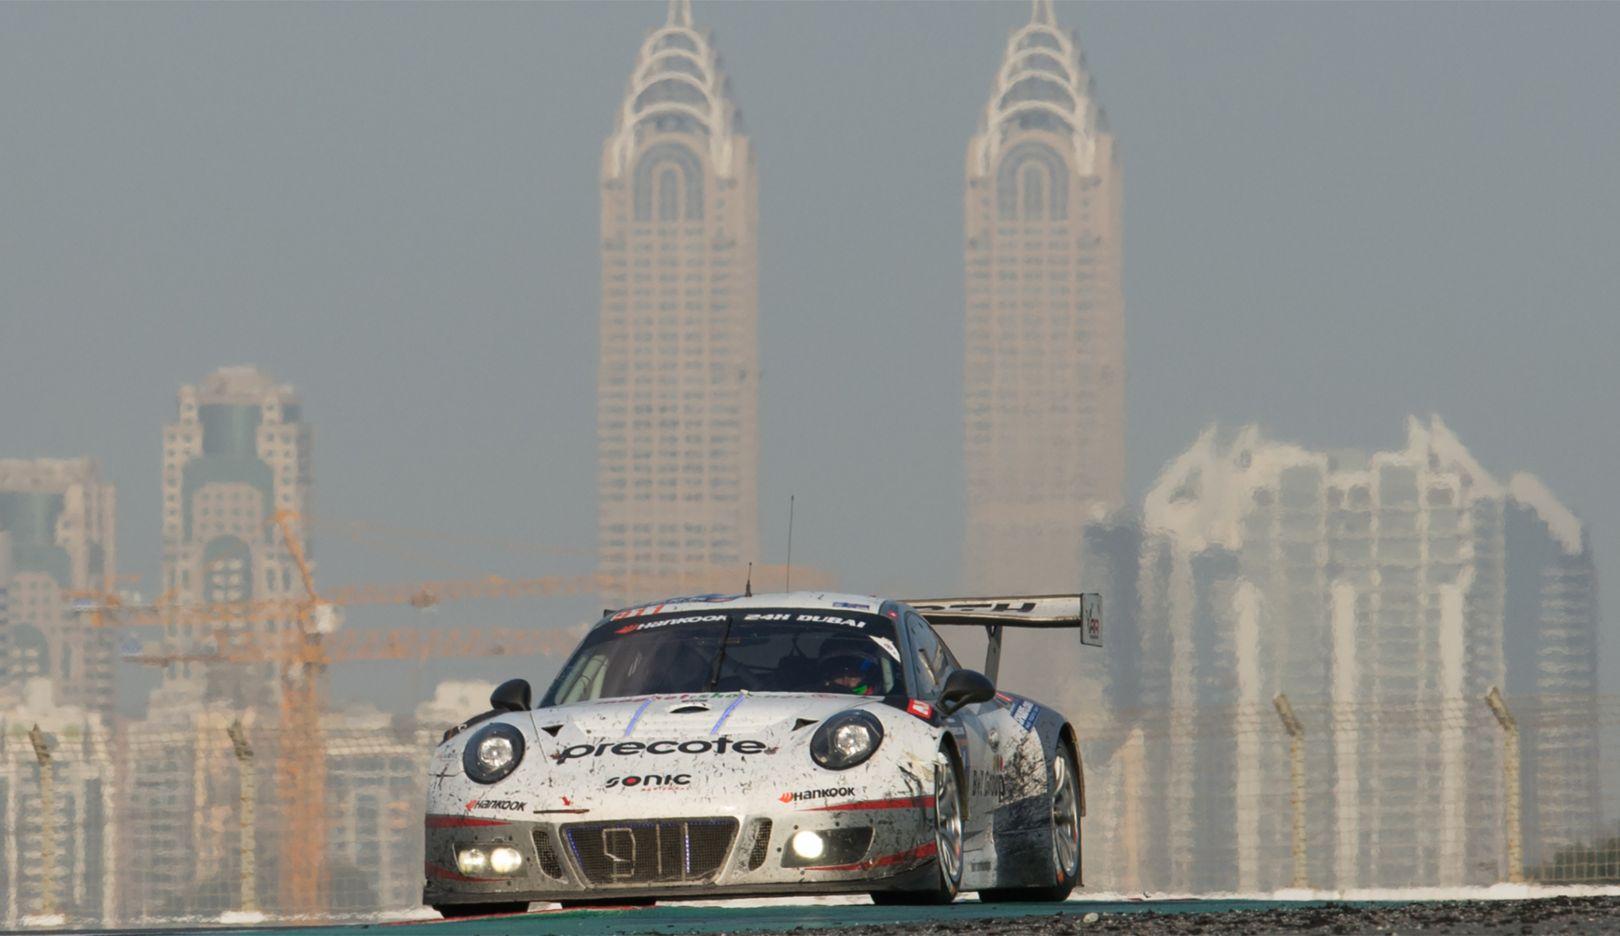 911 GT3 R, Herberth Motorsport, Intercontinental GT Sport, Dubai, 2017, Porsche AG